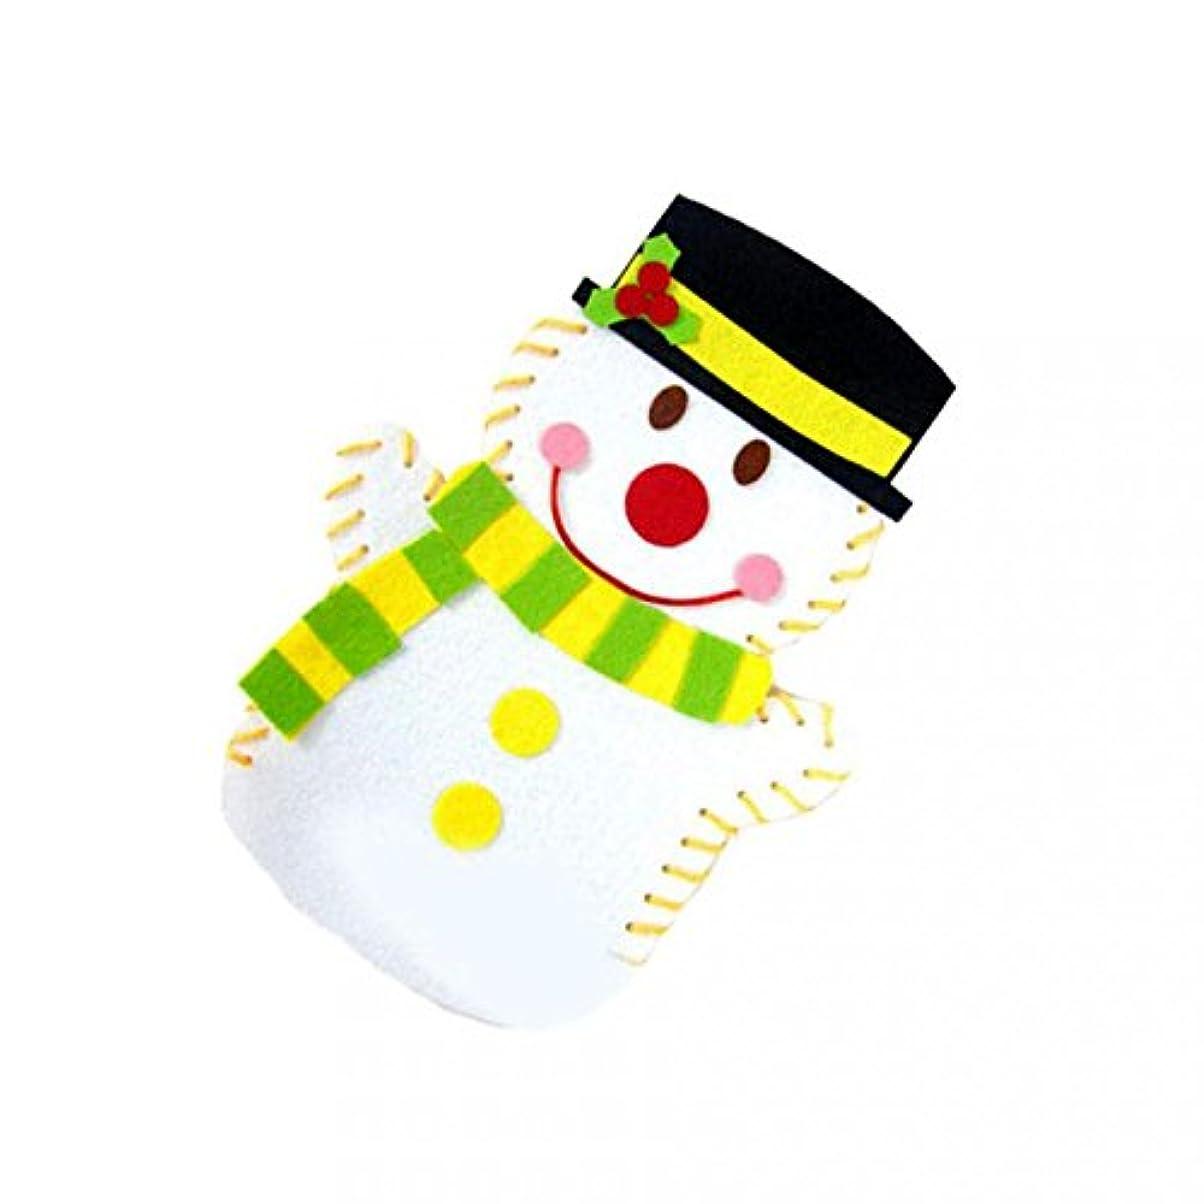 熱心な印象貫入知育玩具 ファミリーゲーム 子供 雪の男 人形 DIYのおもちゃ クリスマスギフト 不織布 就学前教育